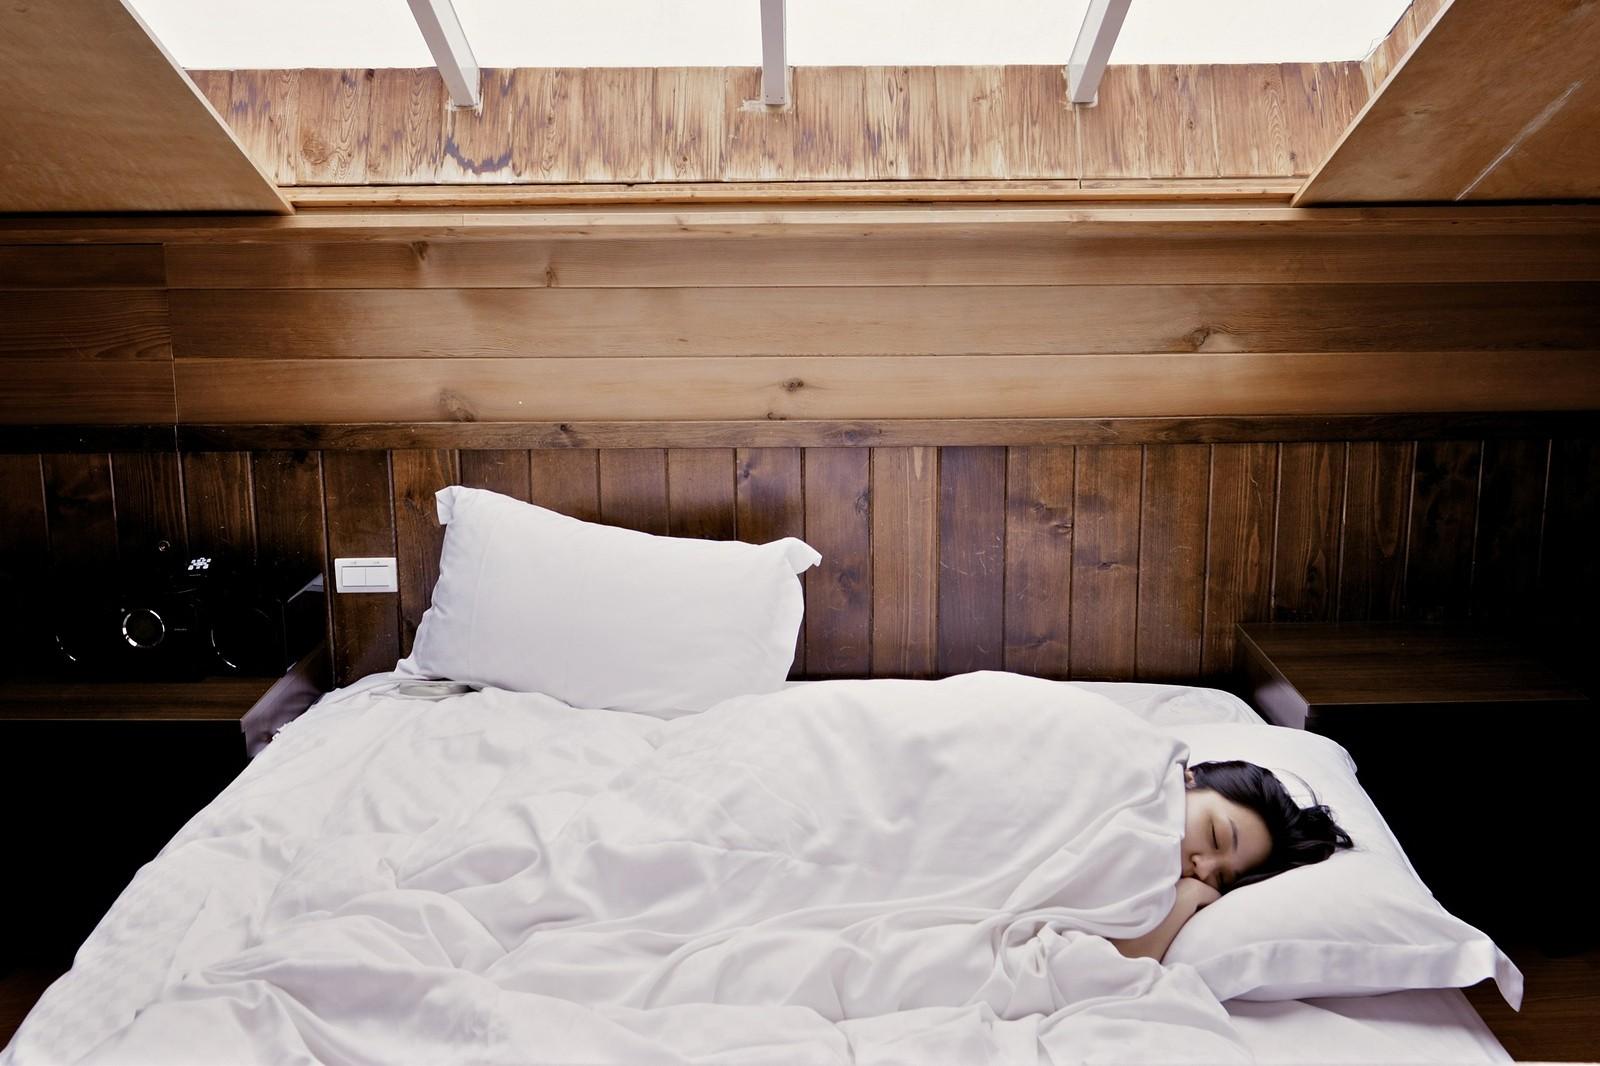 noise cancelling kopfhörer zum schlafen